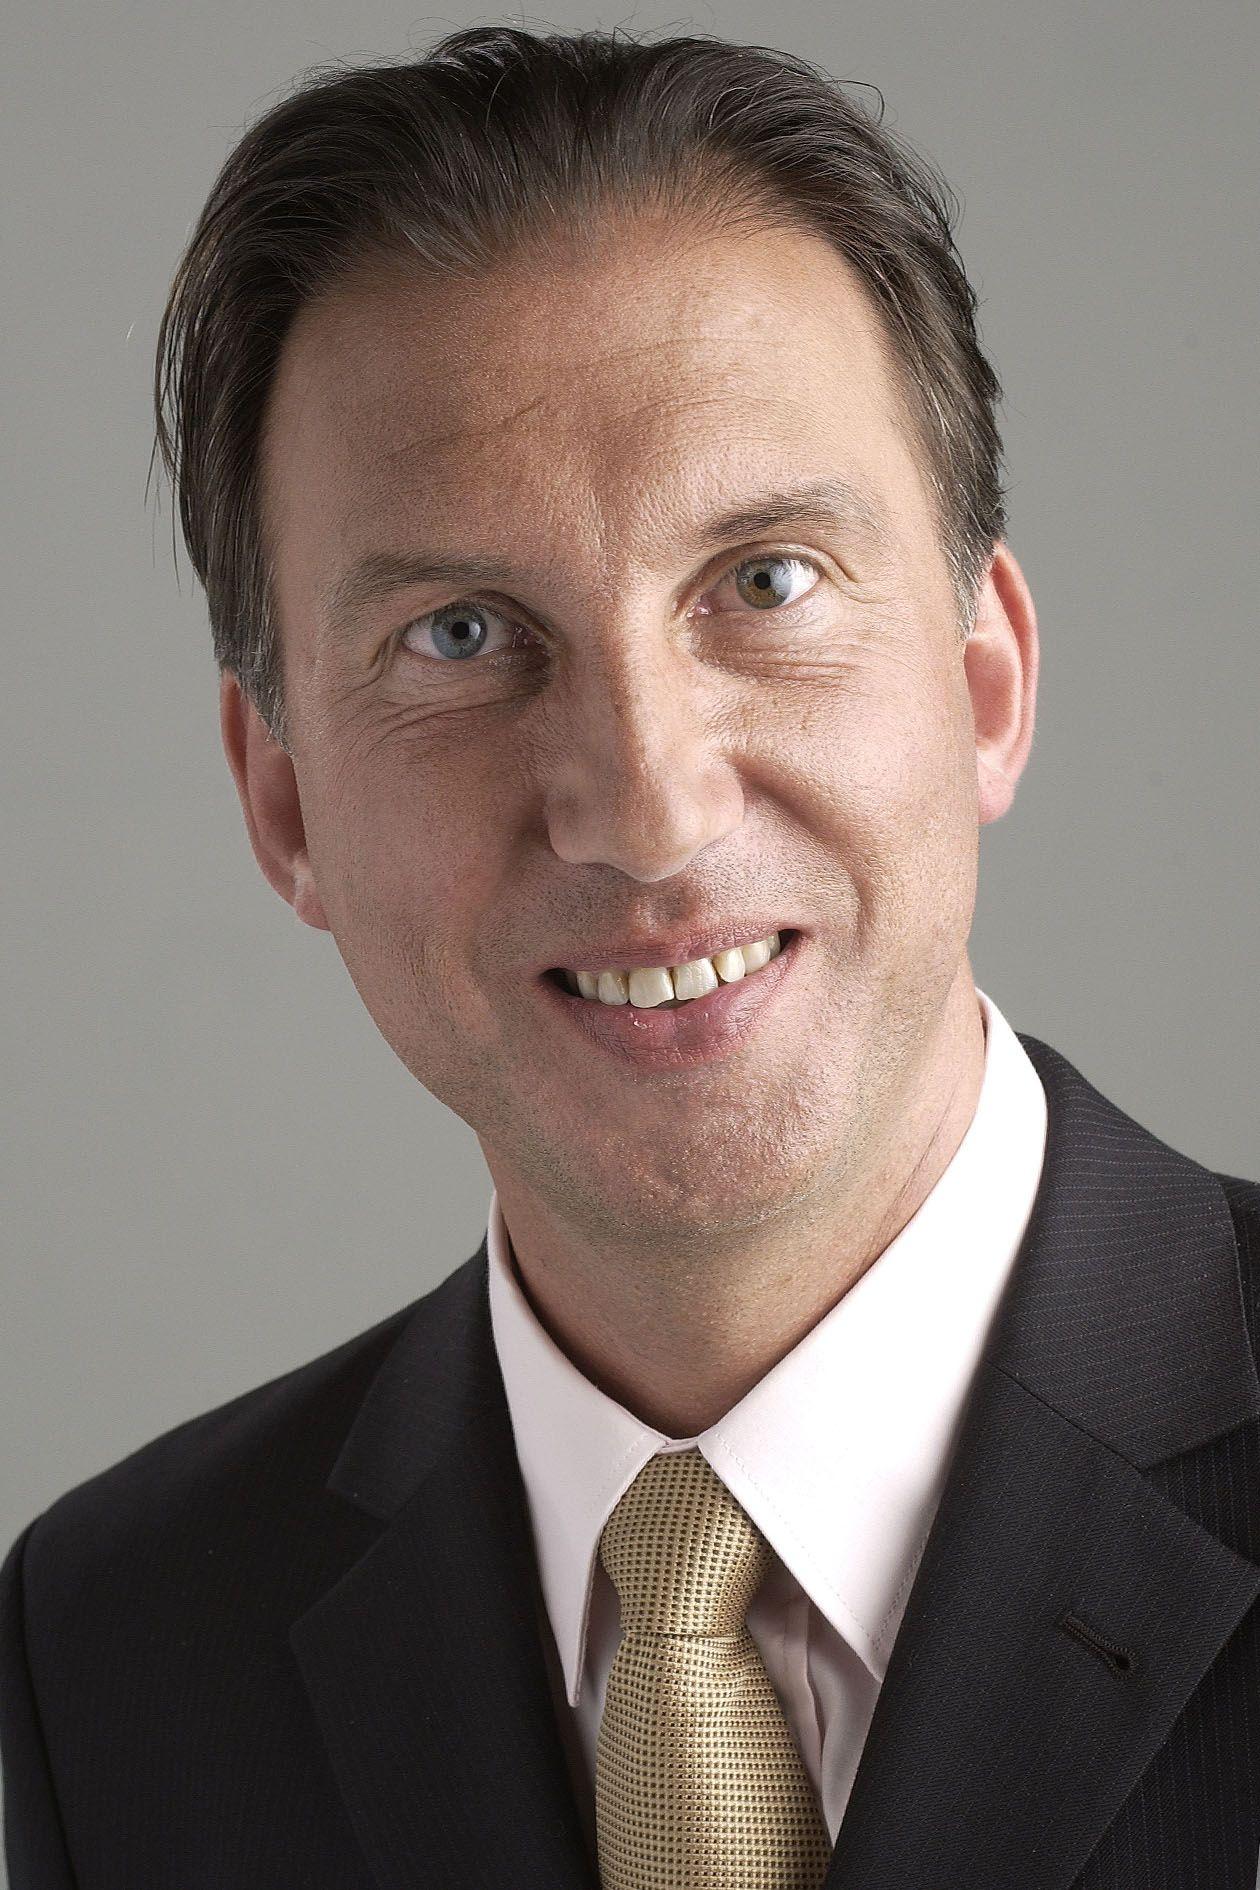 Christian Püttjer